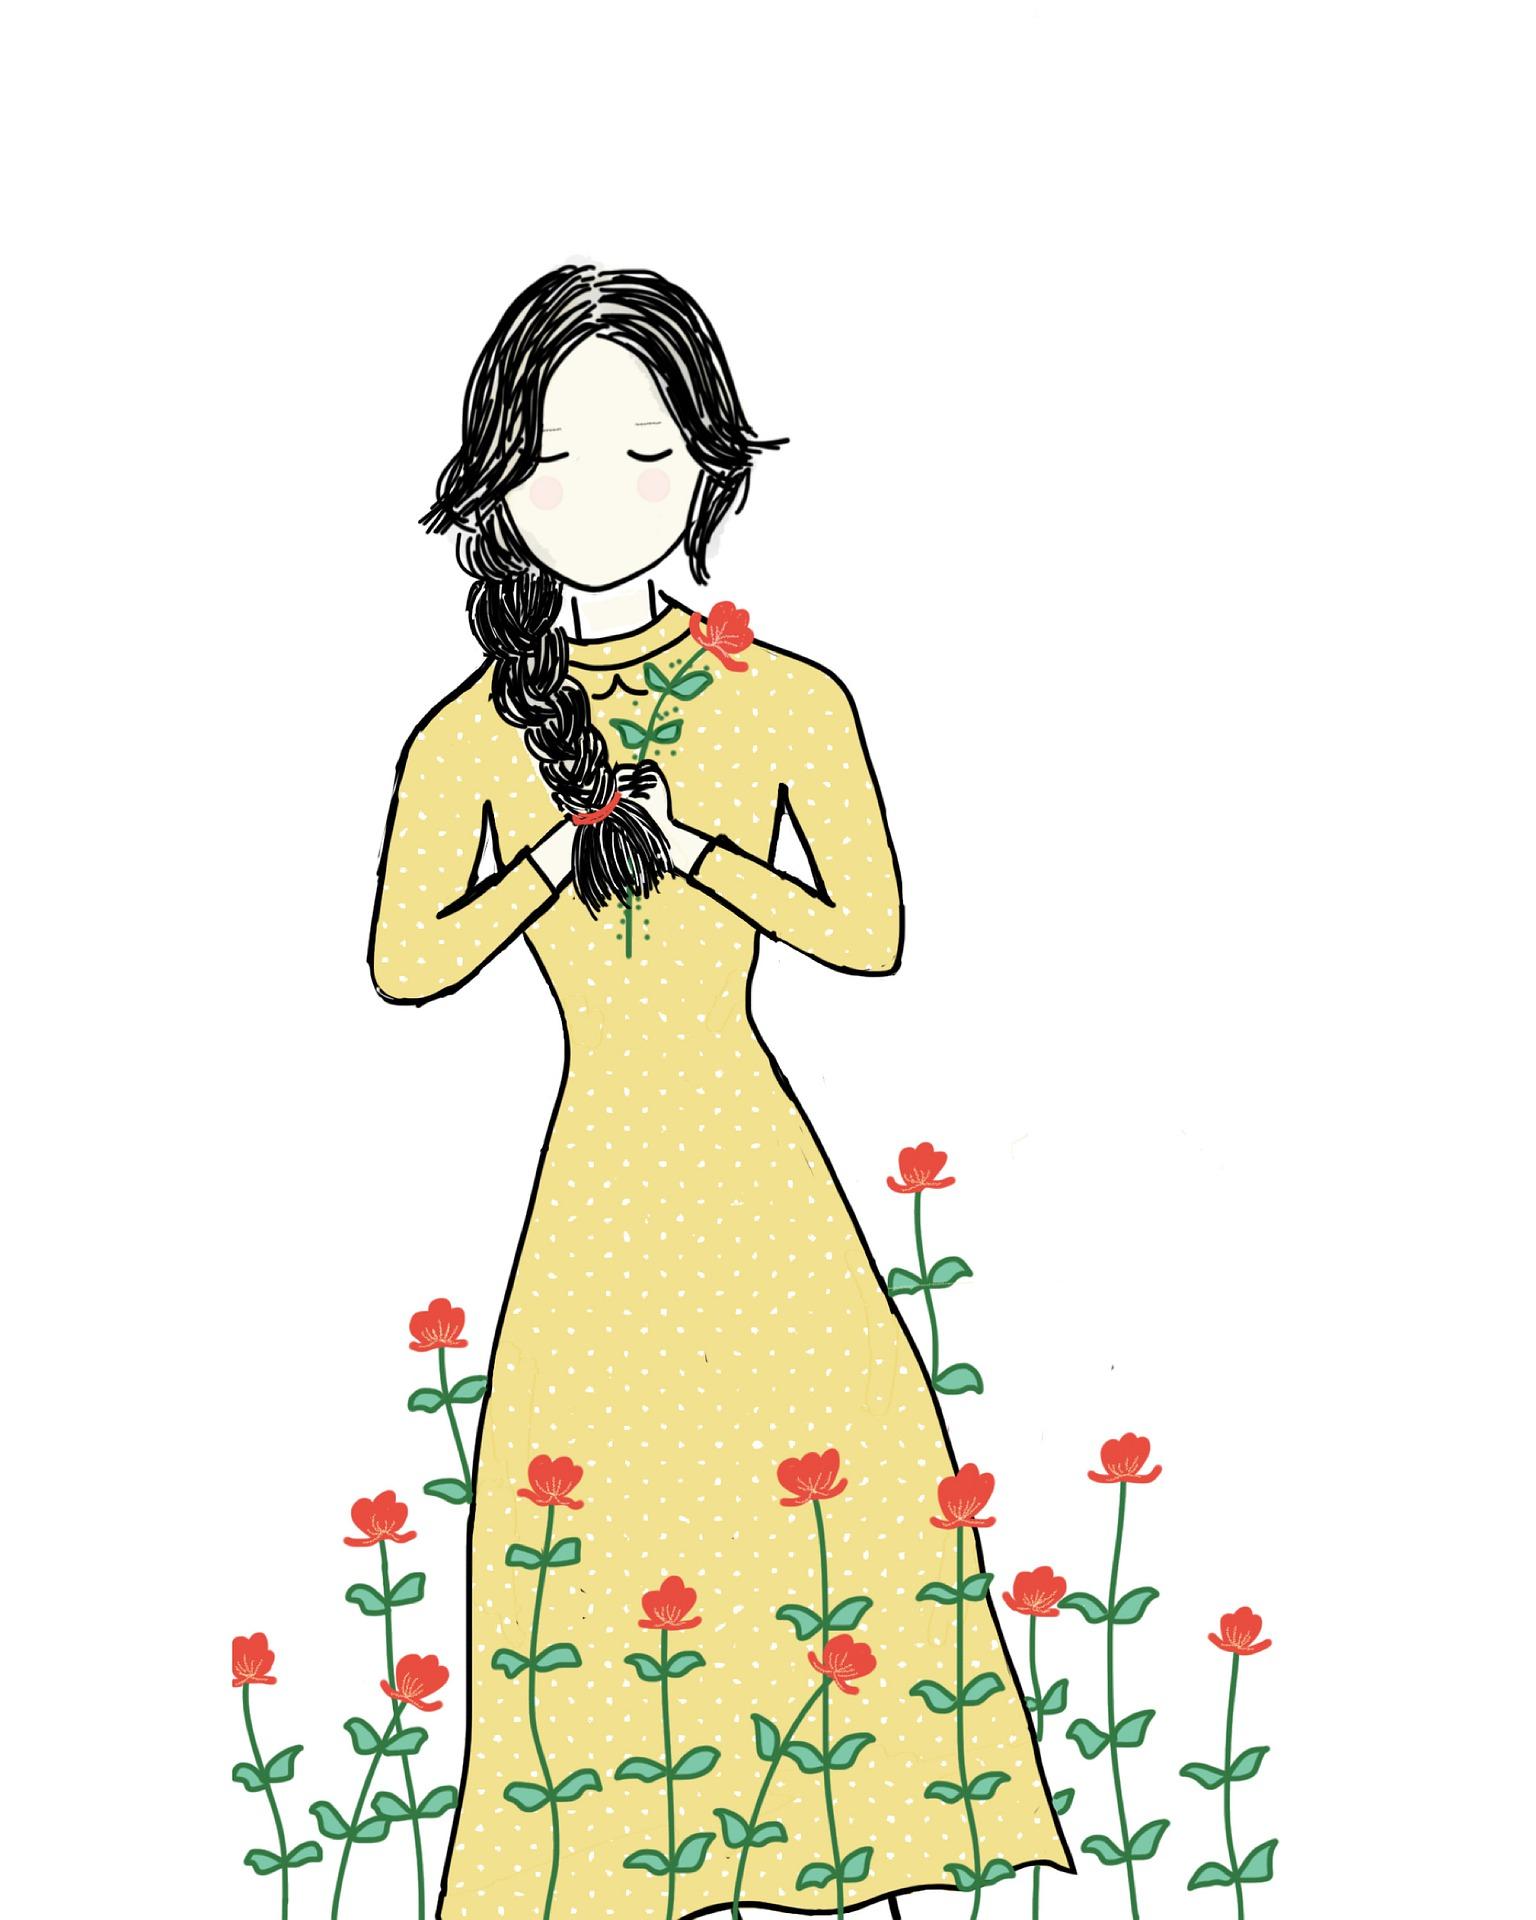 girl-5200907_1920